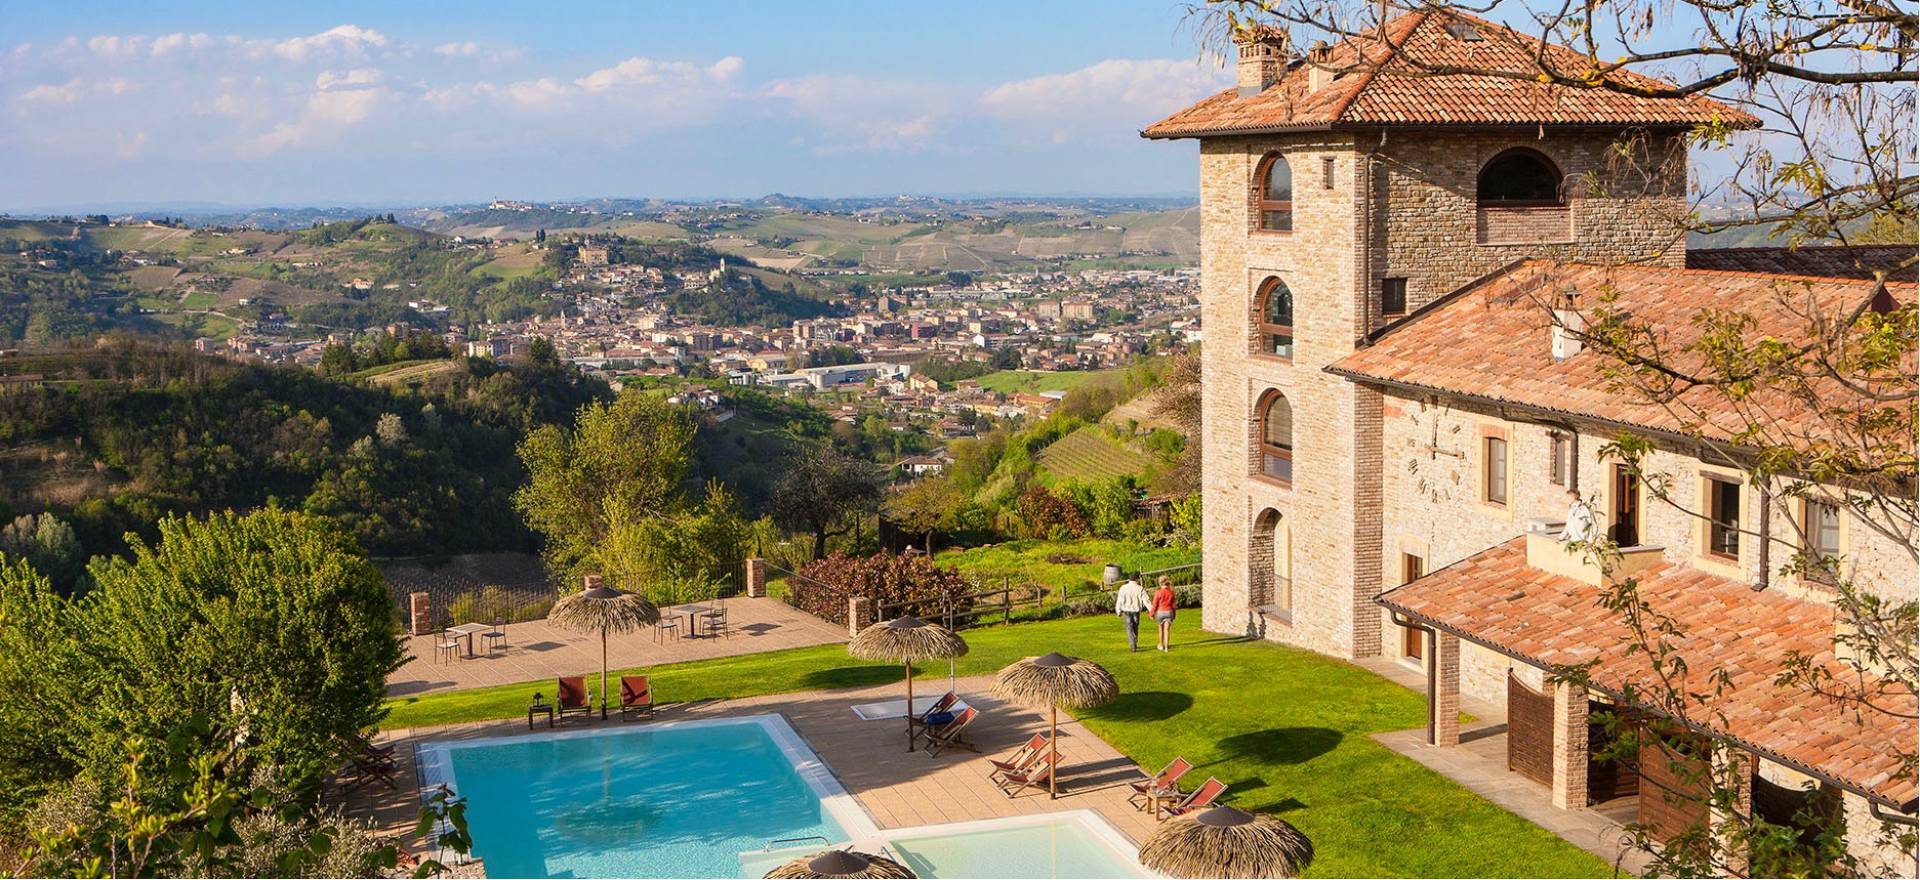 Agriturismo in het hart van Piemonte voor pure ontspanning